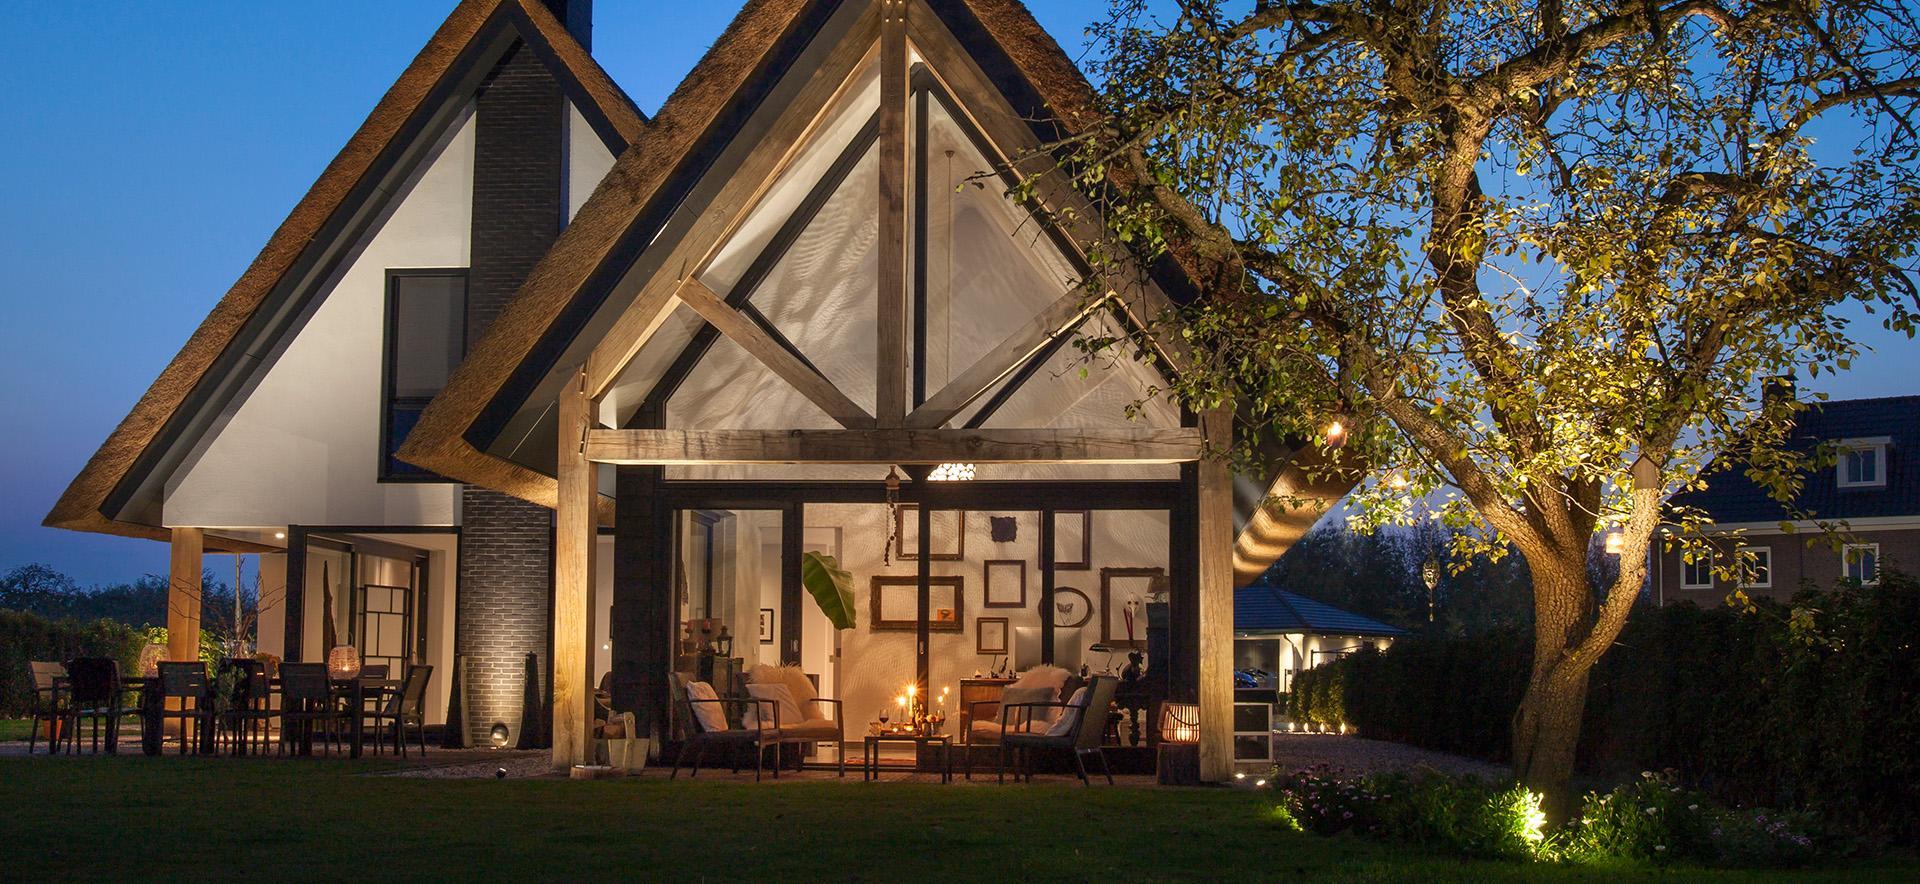 In-lite buitenverlichting met gevel verlichting voor huizen en overkappingen - Piek Zweverink Hoveniers